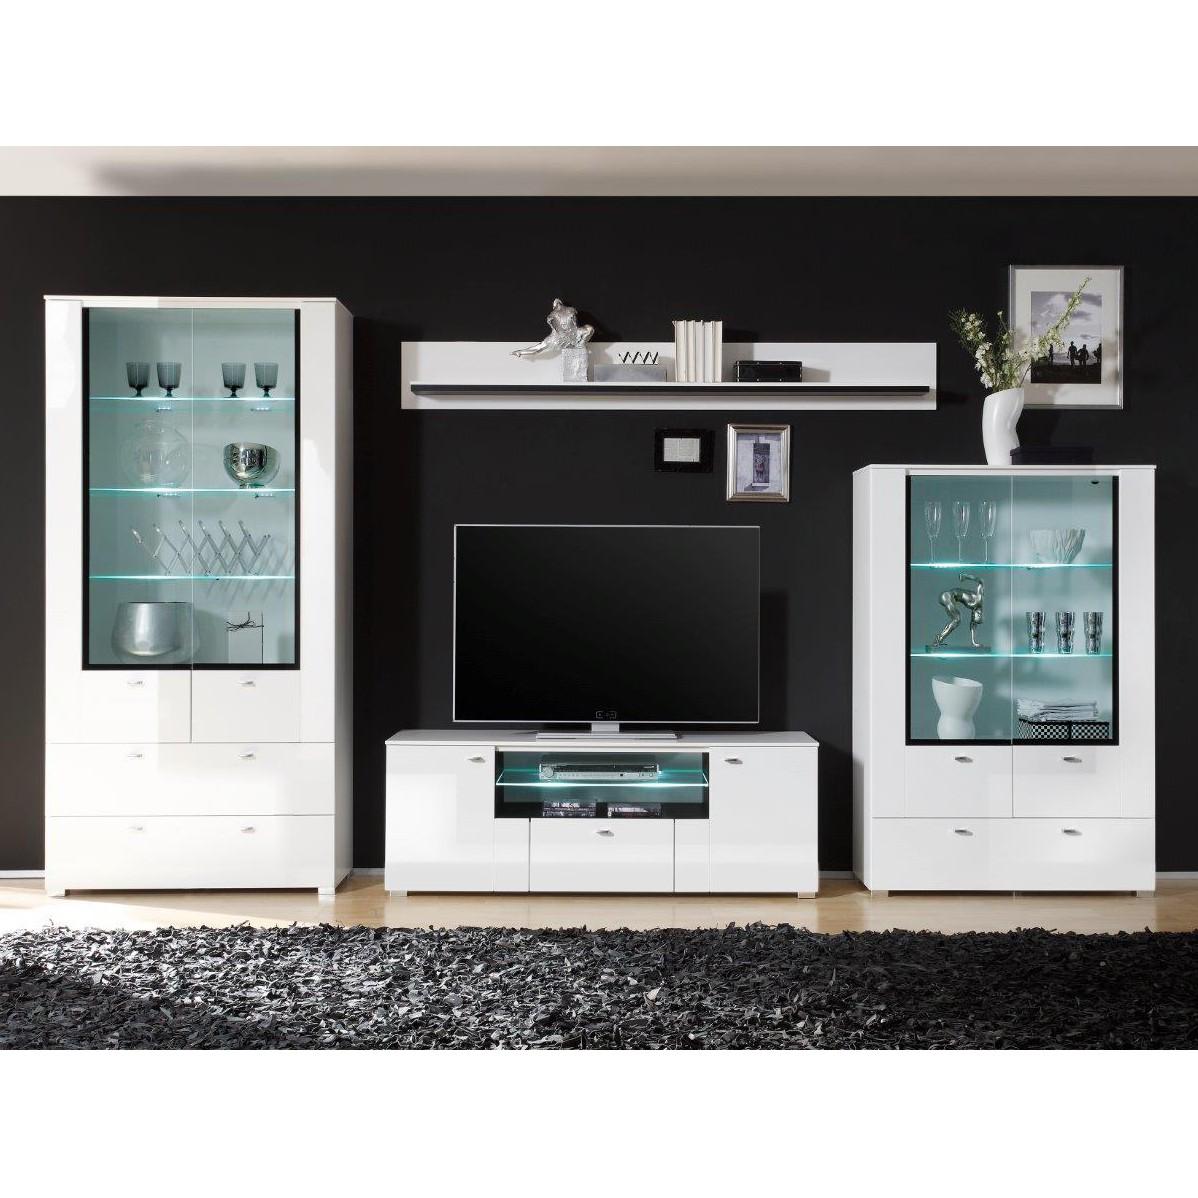 Weiß Hochglanz Wohnwand Preisvergleich • Die besten Angebote ...